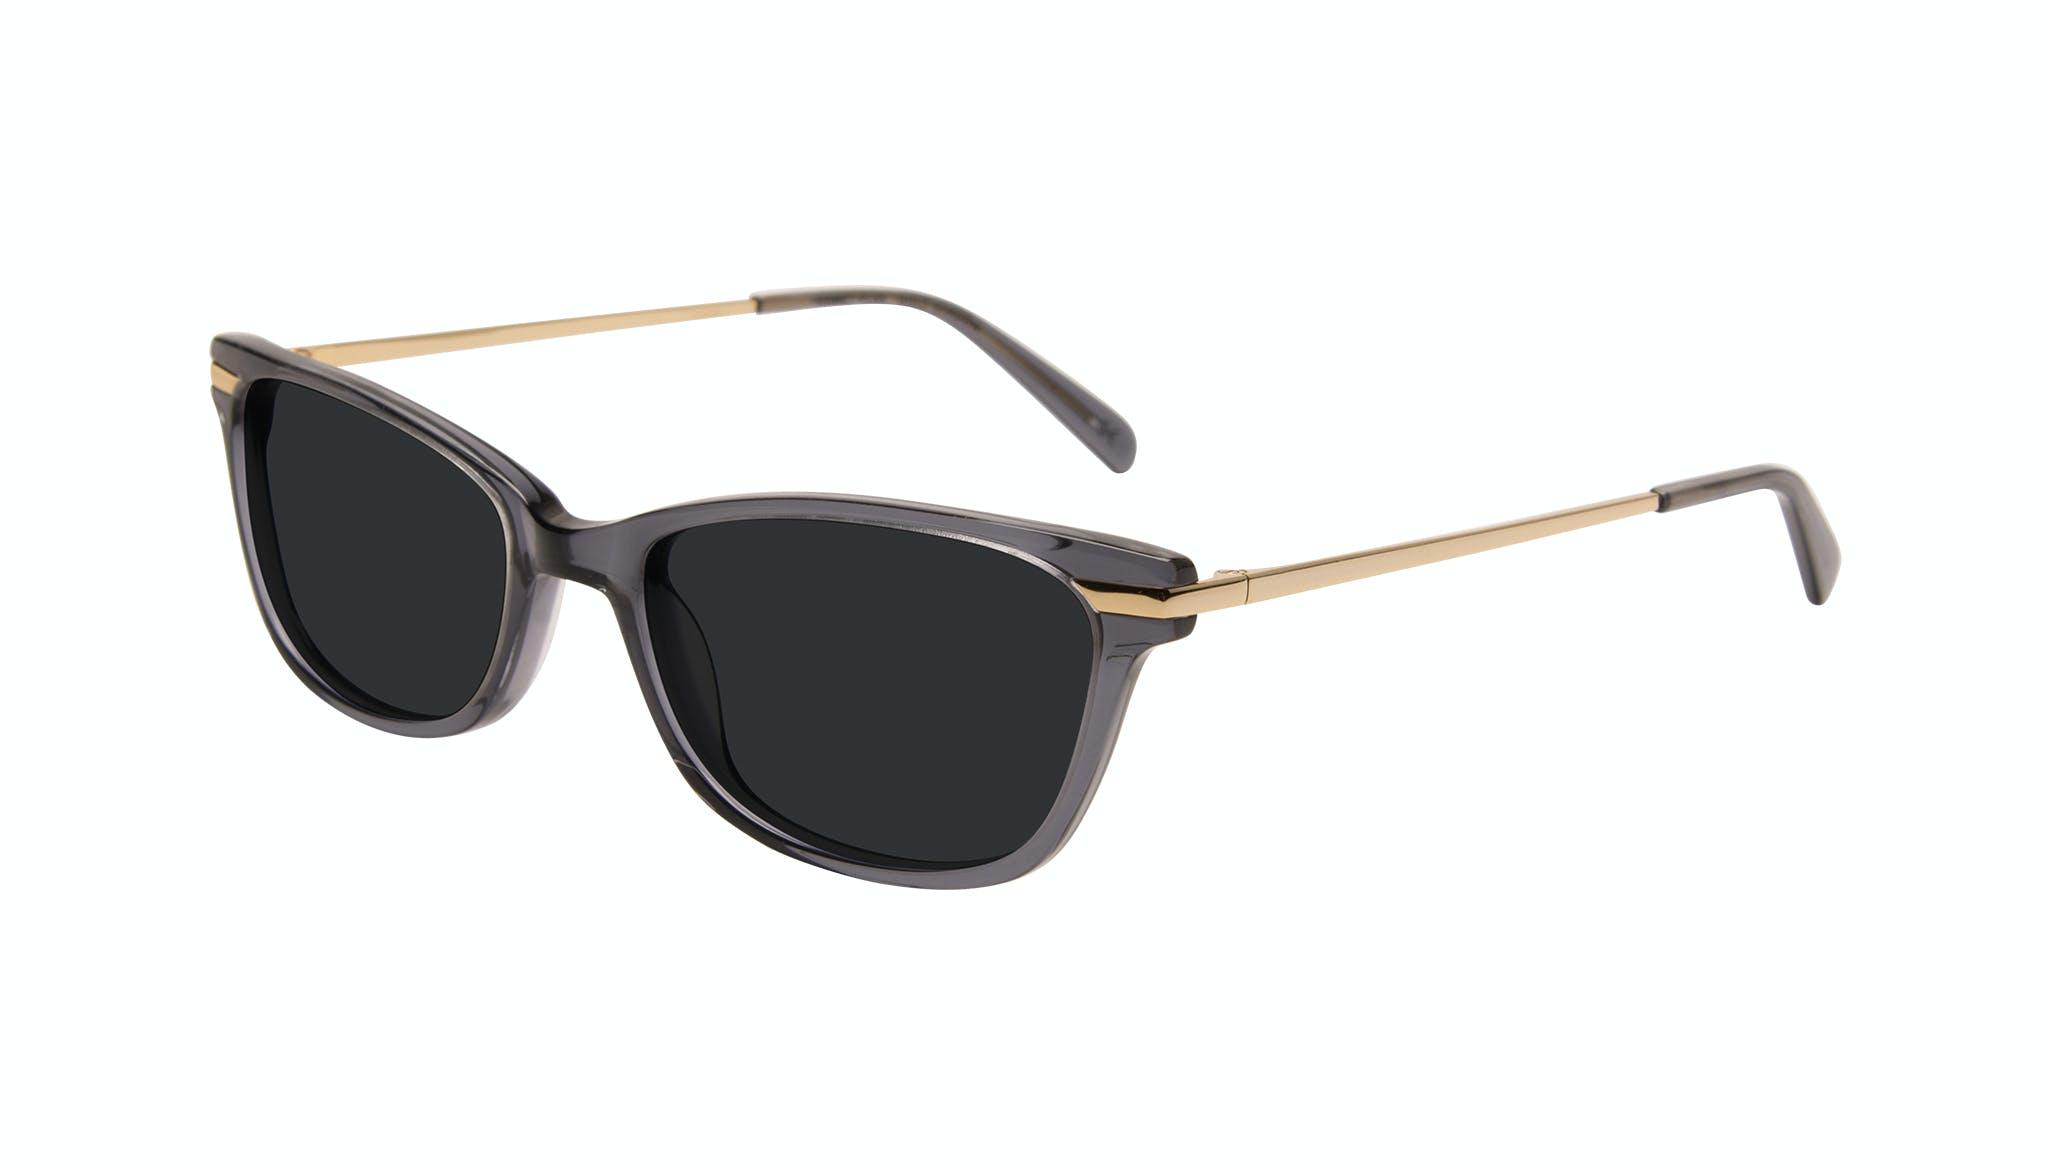 Affordable Fashion Glasses Rectangle Sunglasses Women Comet Plus Gold Shadow Tilt